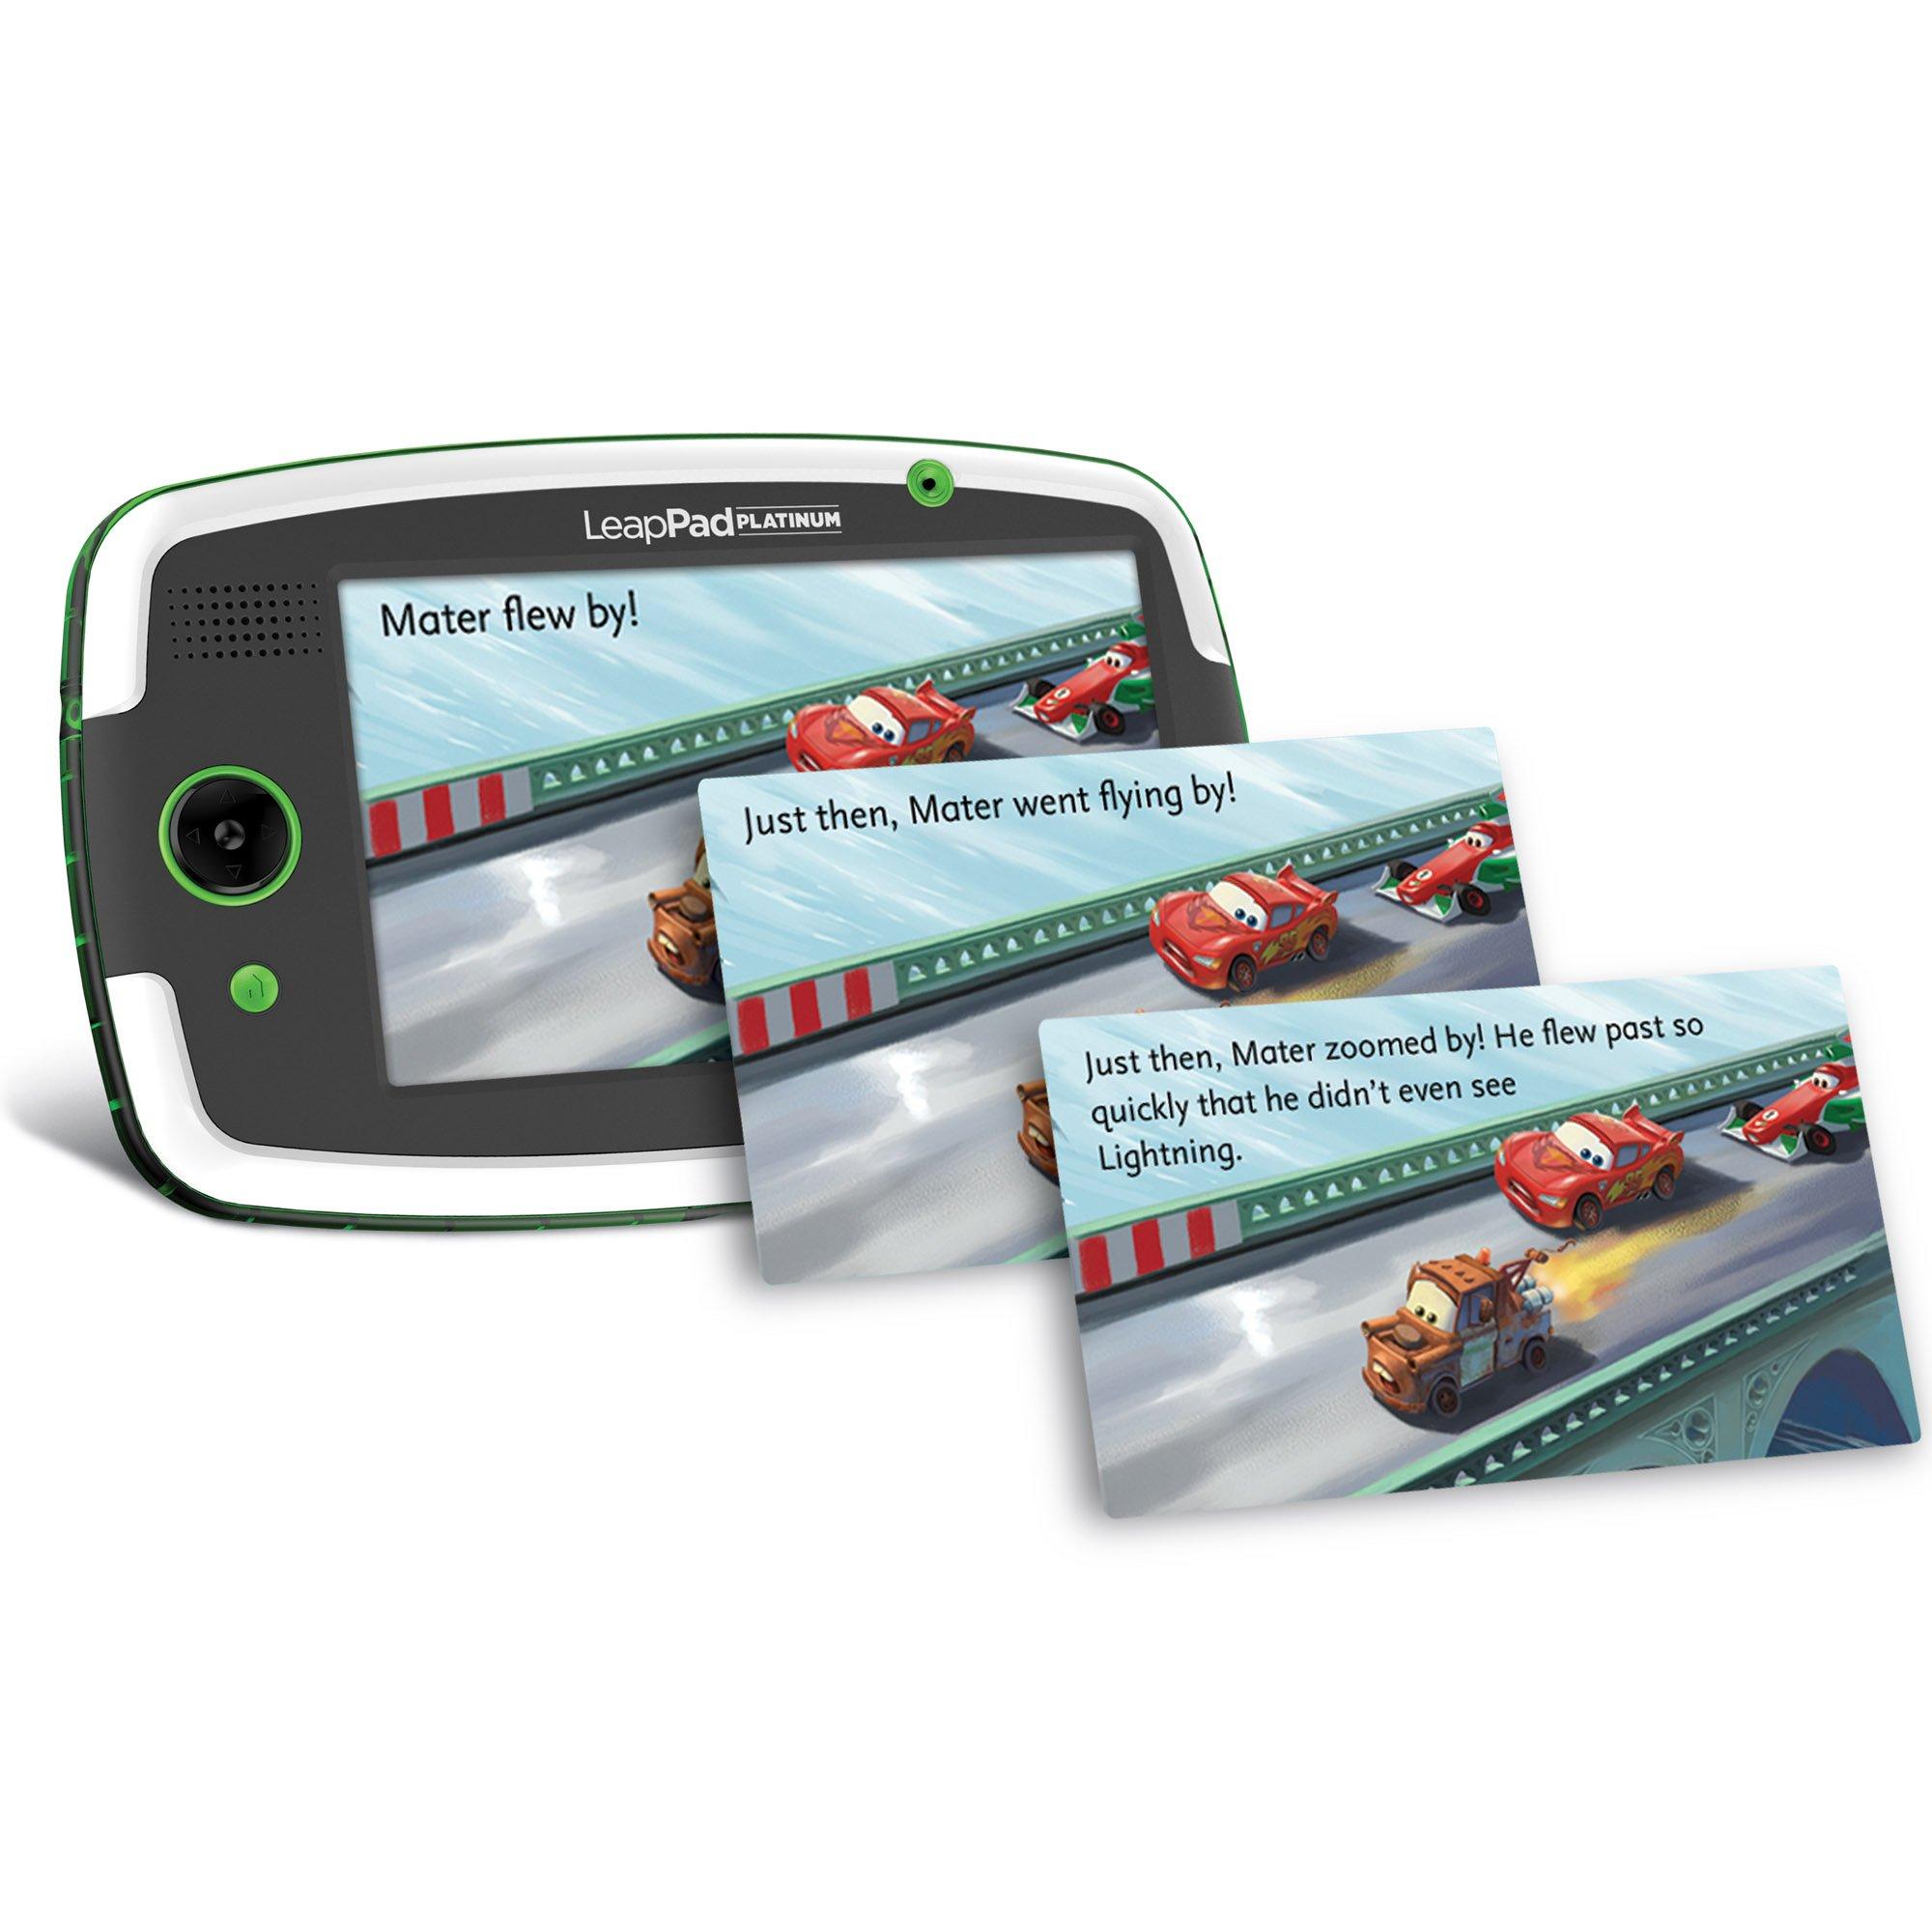 LeapFrog LeapPad Platinum Kids Learning Tablet, Green by LeapFrog. (Image #15)